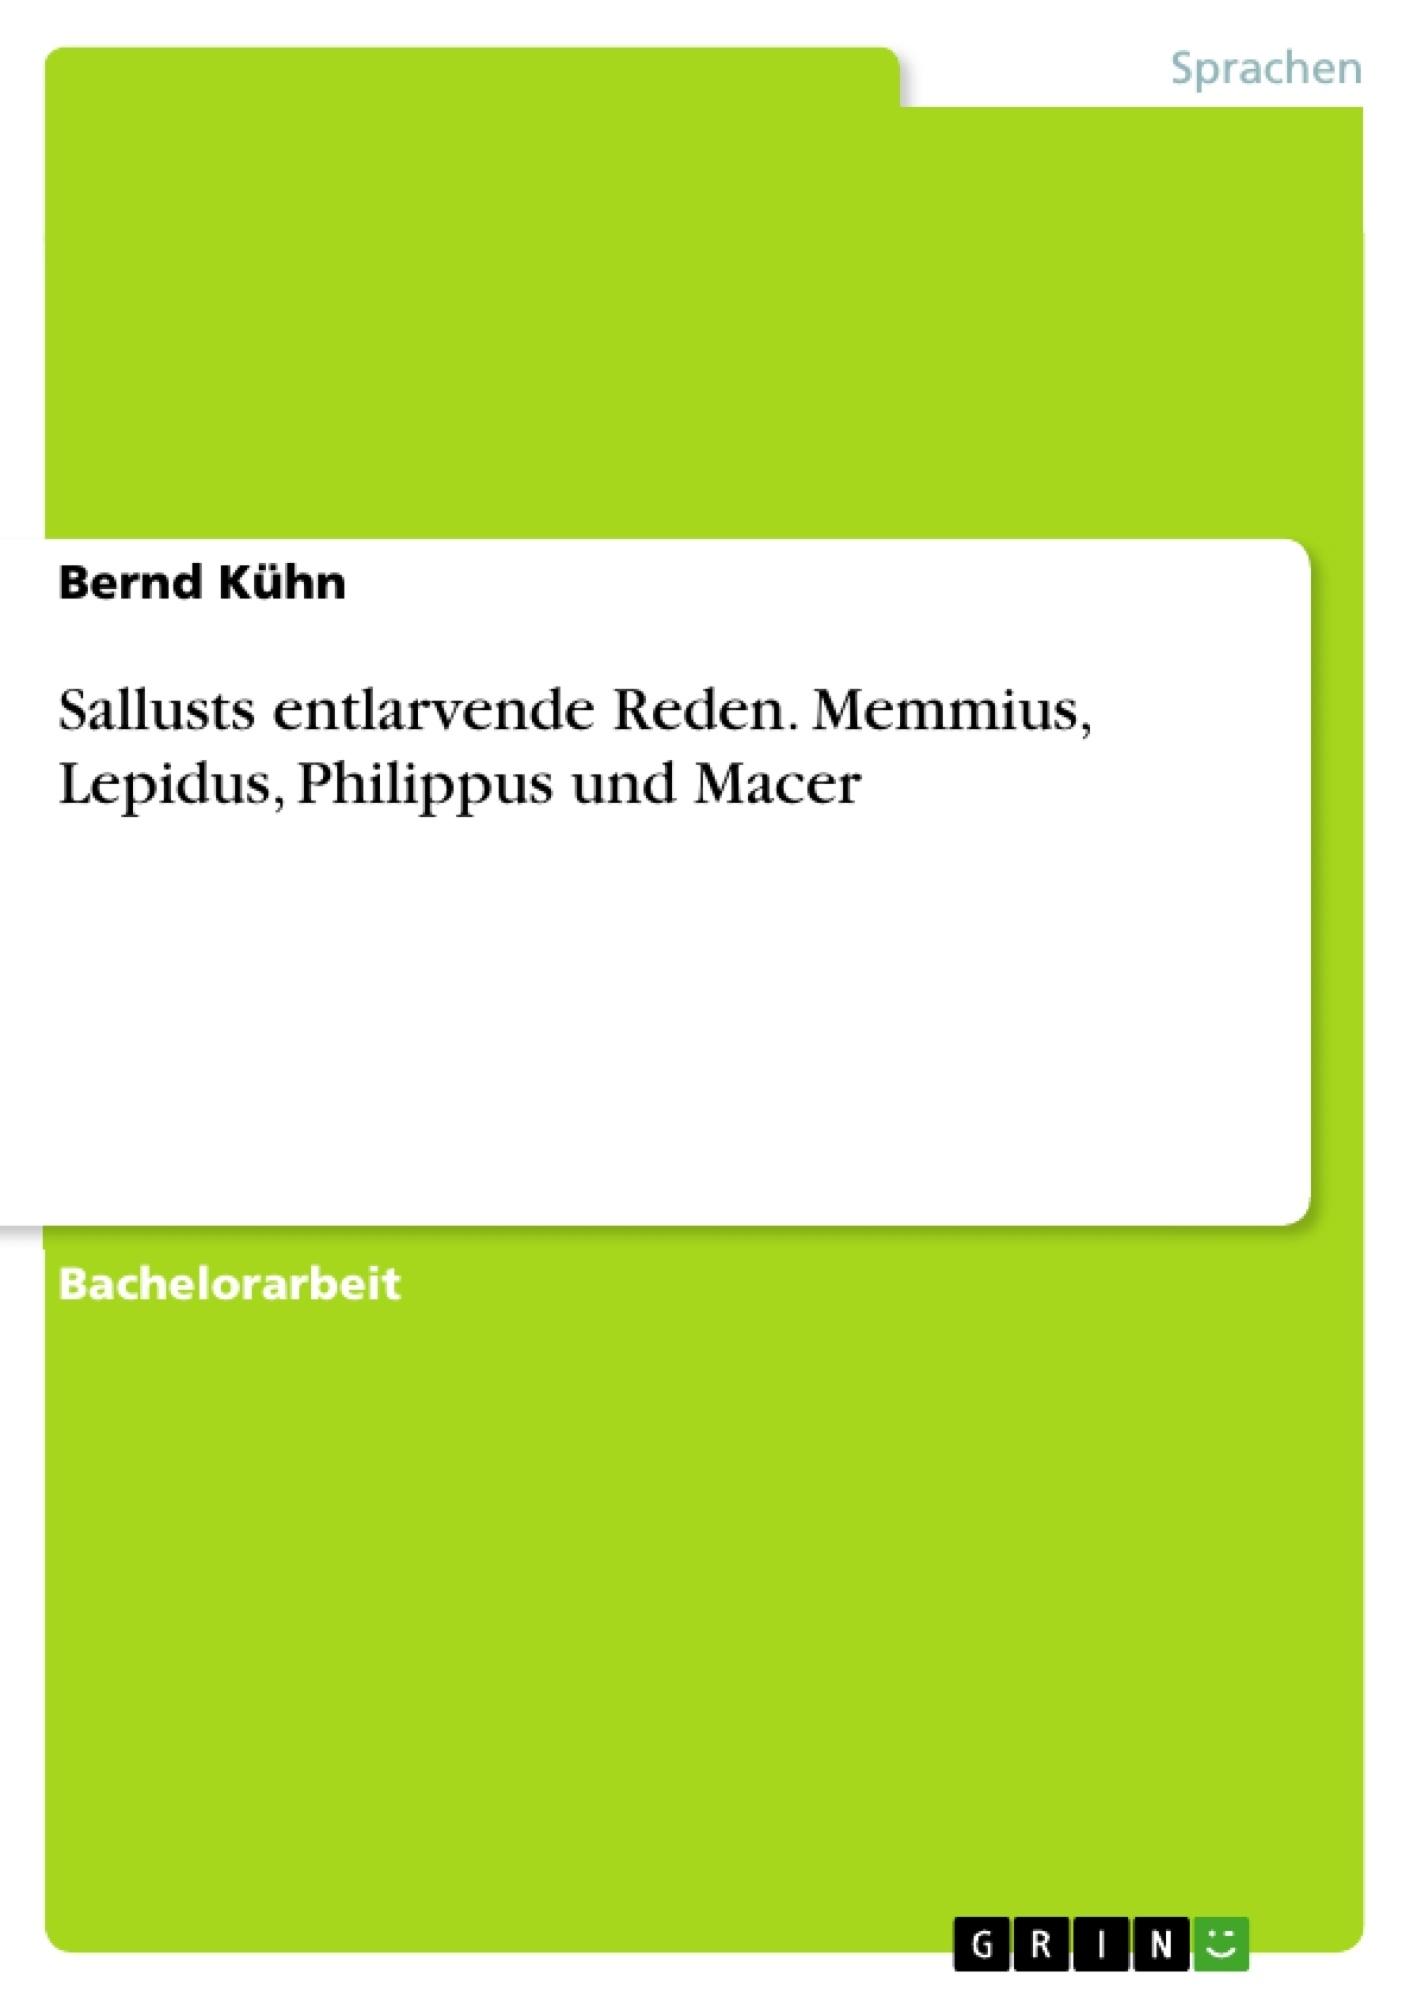 Titel: Sallusts entlarvende Reden. Memmius, Lepidus, Philippus und Macer